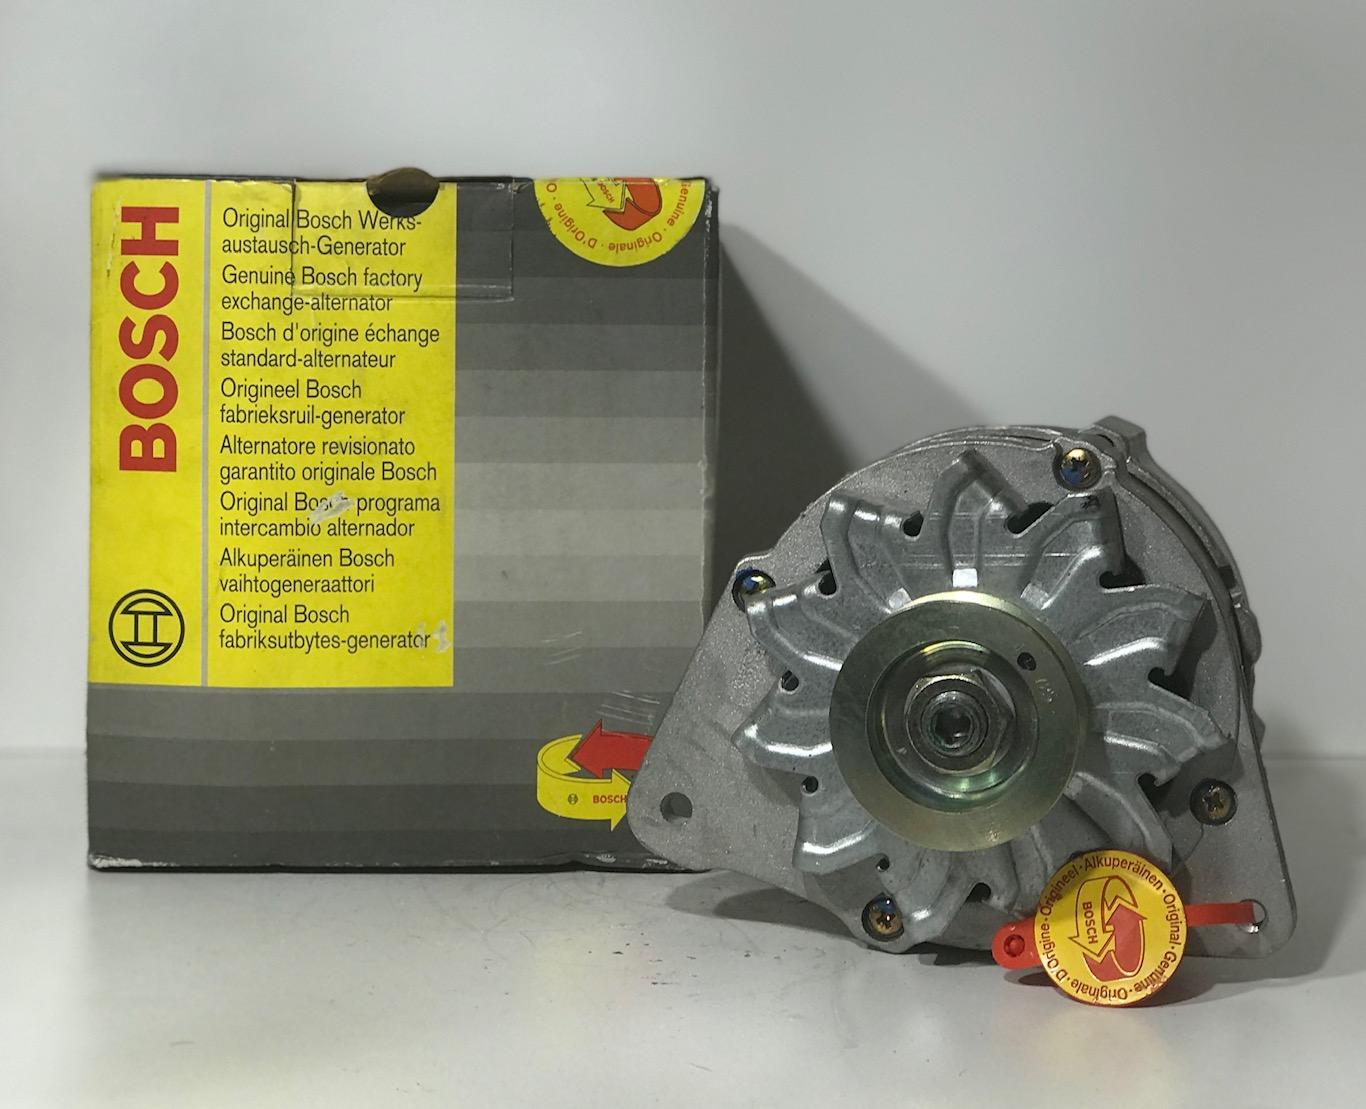 Bosch Lichtmaschine 098603606000 120488189 14V Alternateur Alternator Generator